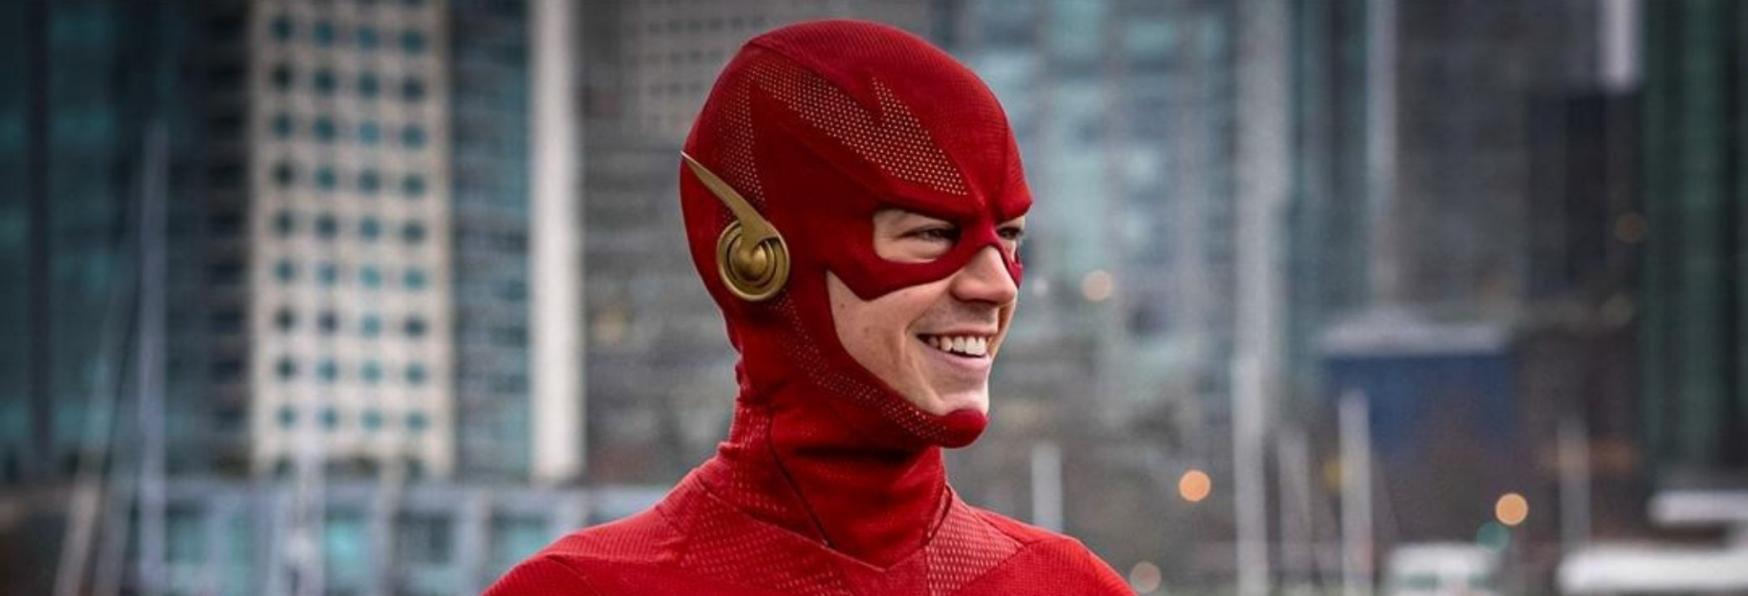 The Flash 7: Svelato il Poster della nuova Stagione della Serie TV The CW